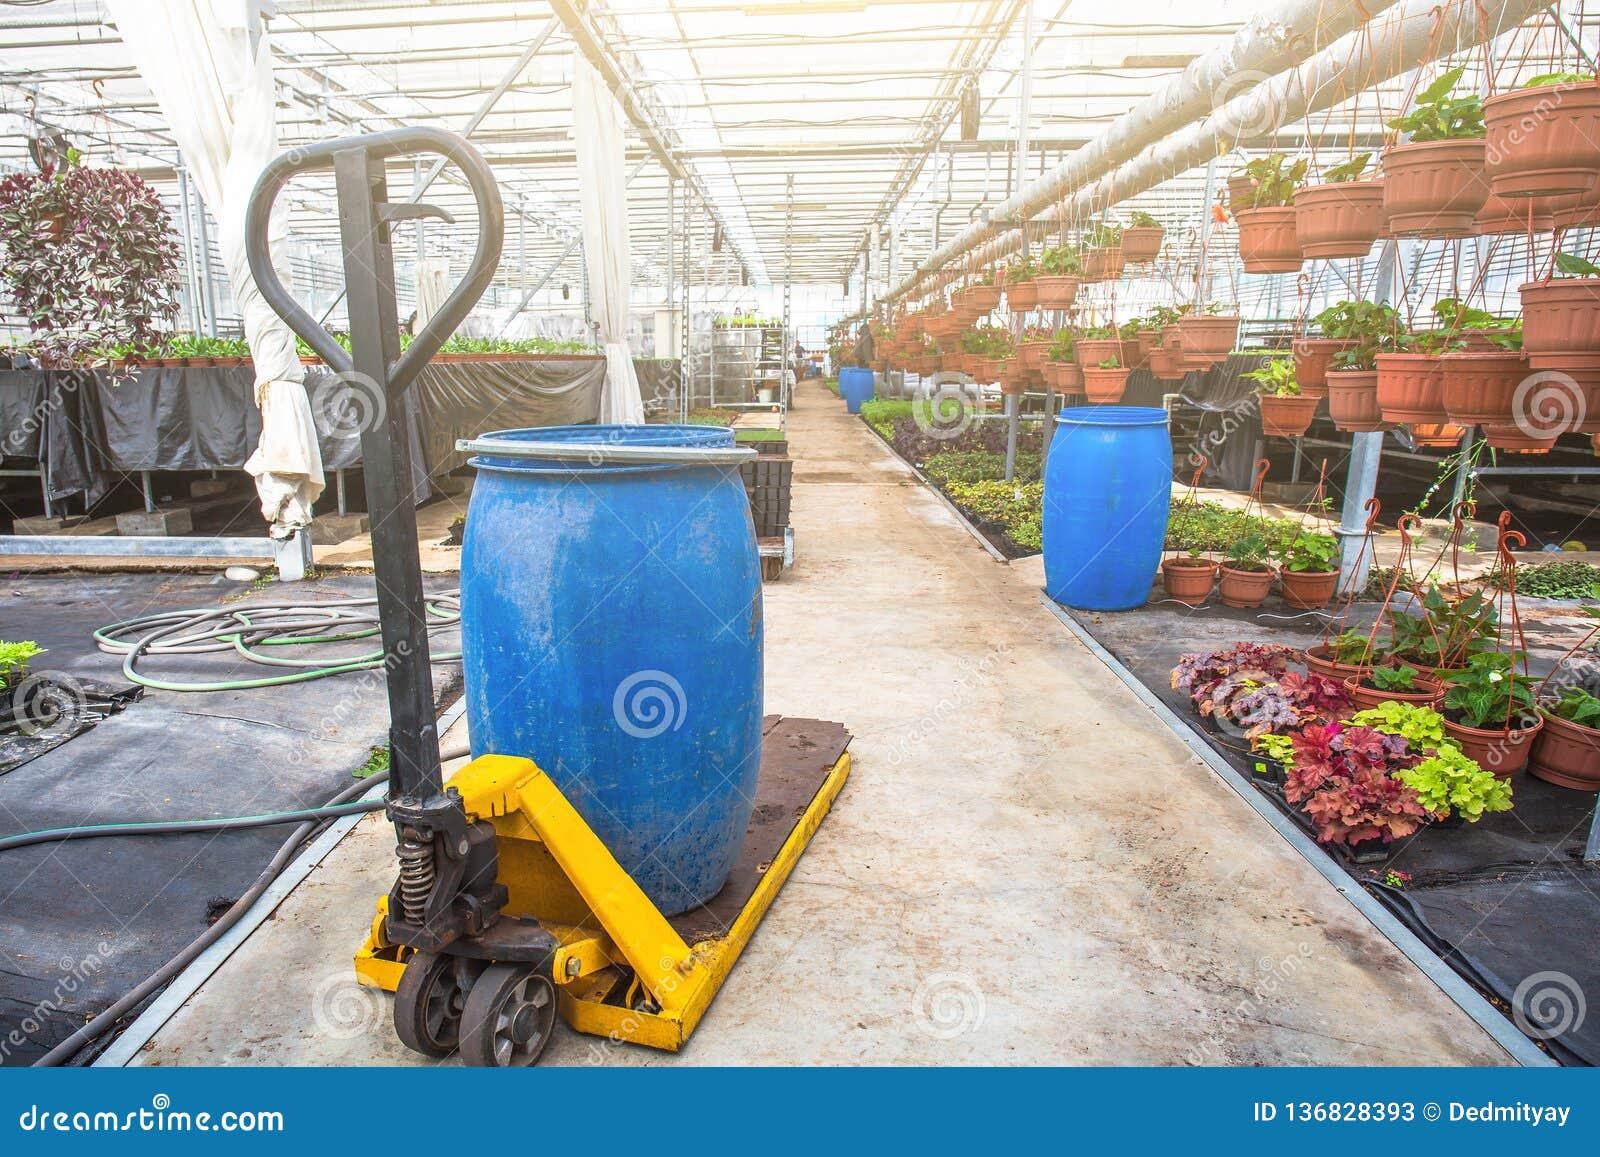 Σύγχρονο υδροπονικό εσωτερικό θερμοκηπίων με τον έλεγχο κλίματος, καλλιέργεια των σπορών, λουλούδια Βιομηχανική δενδροκηποκομία